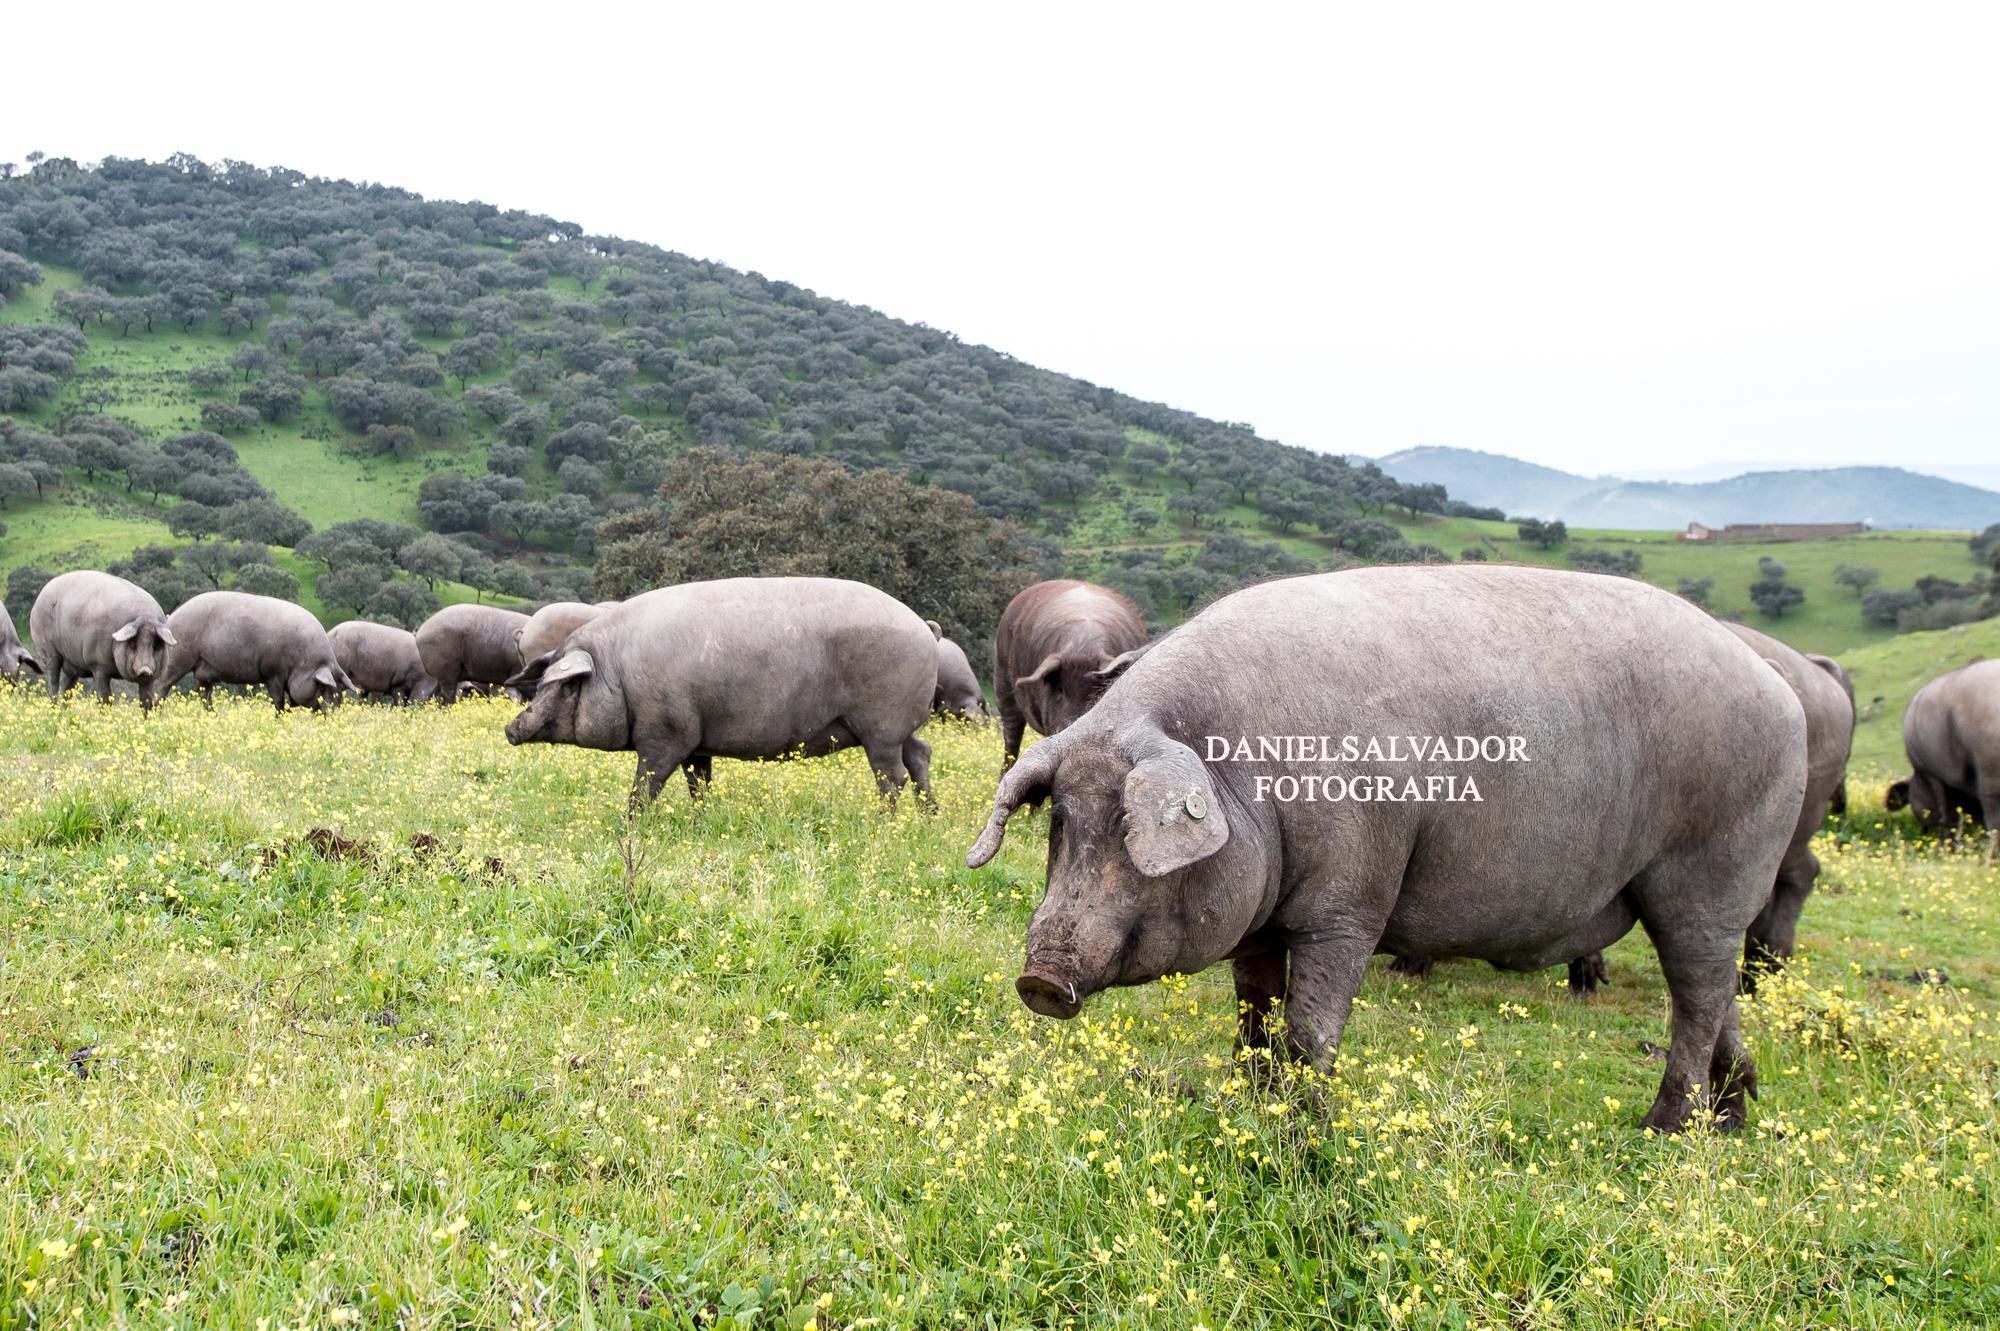 Cerdo ibérico y montanera ©Daniel Salvador Fotografía